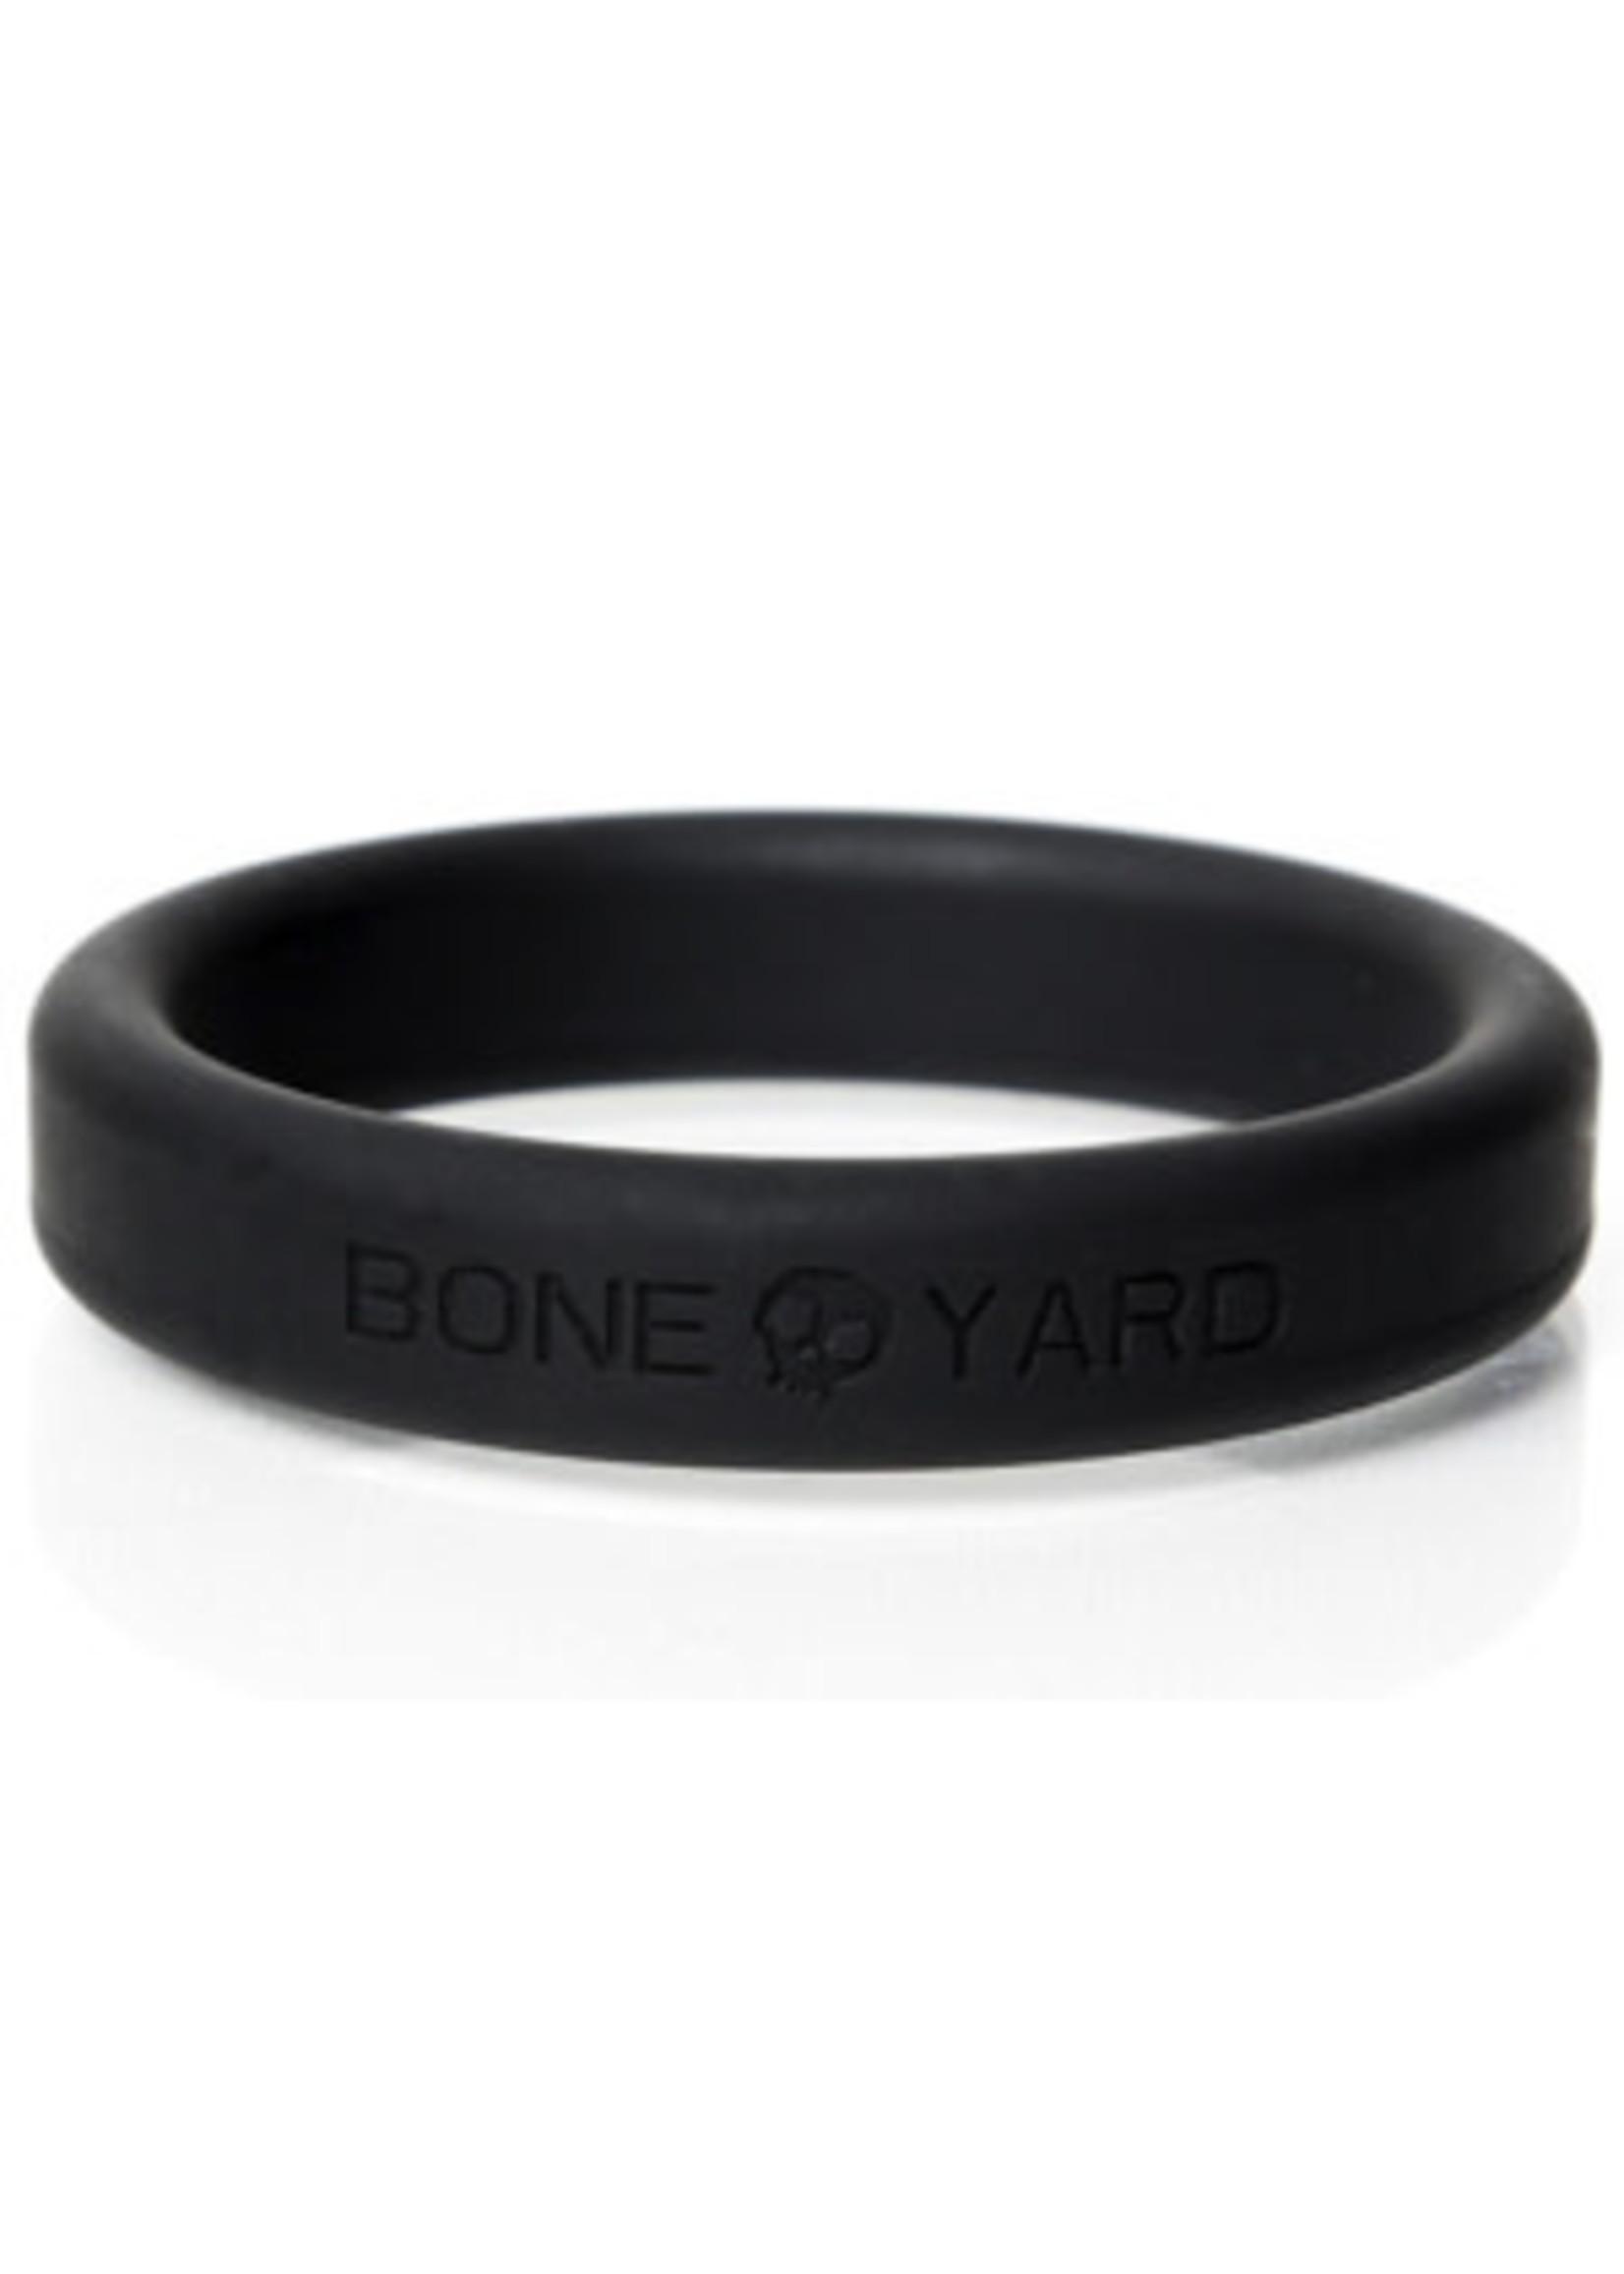 Boneyard Boneyard Silicone Cock ring